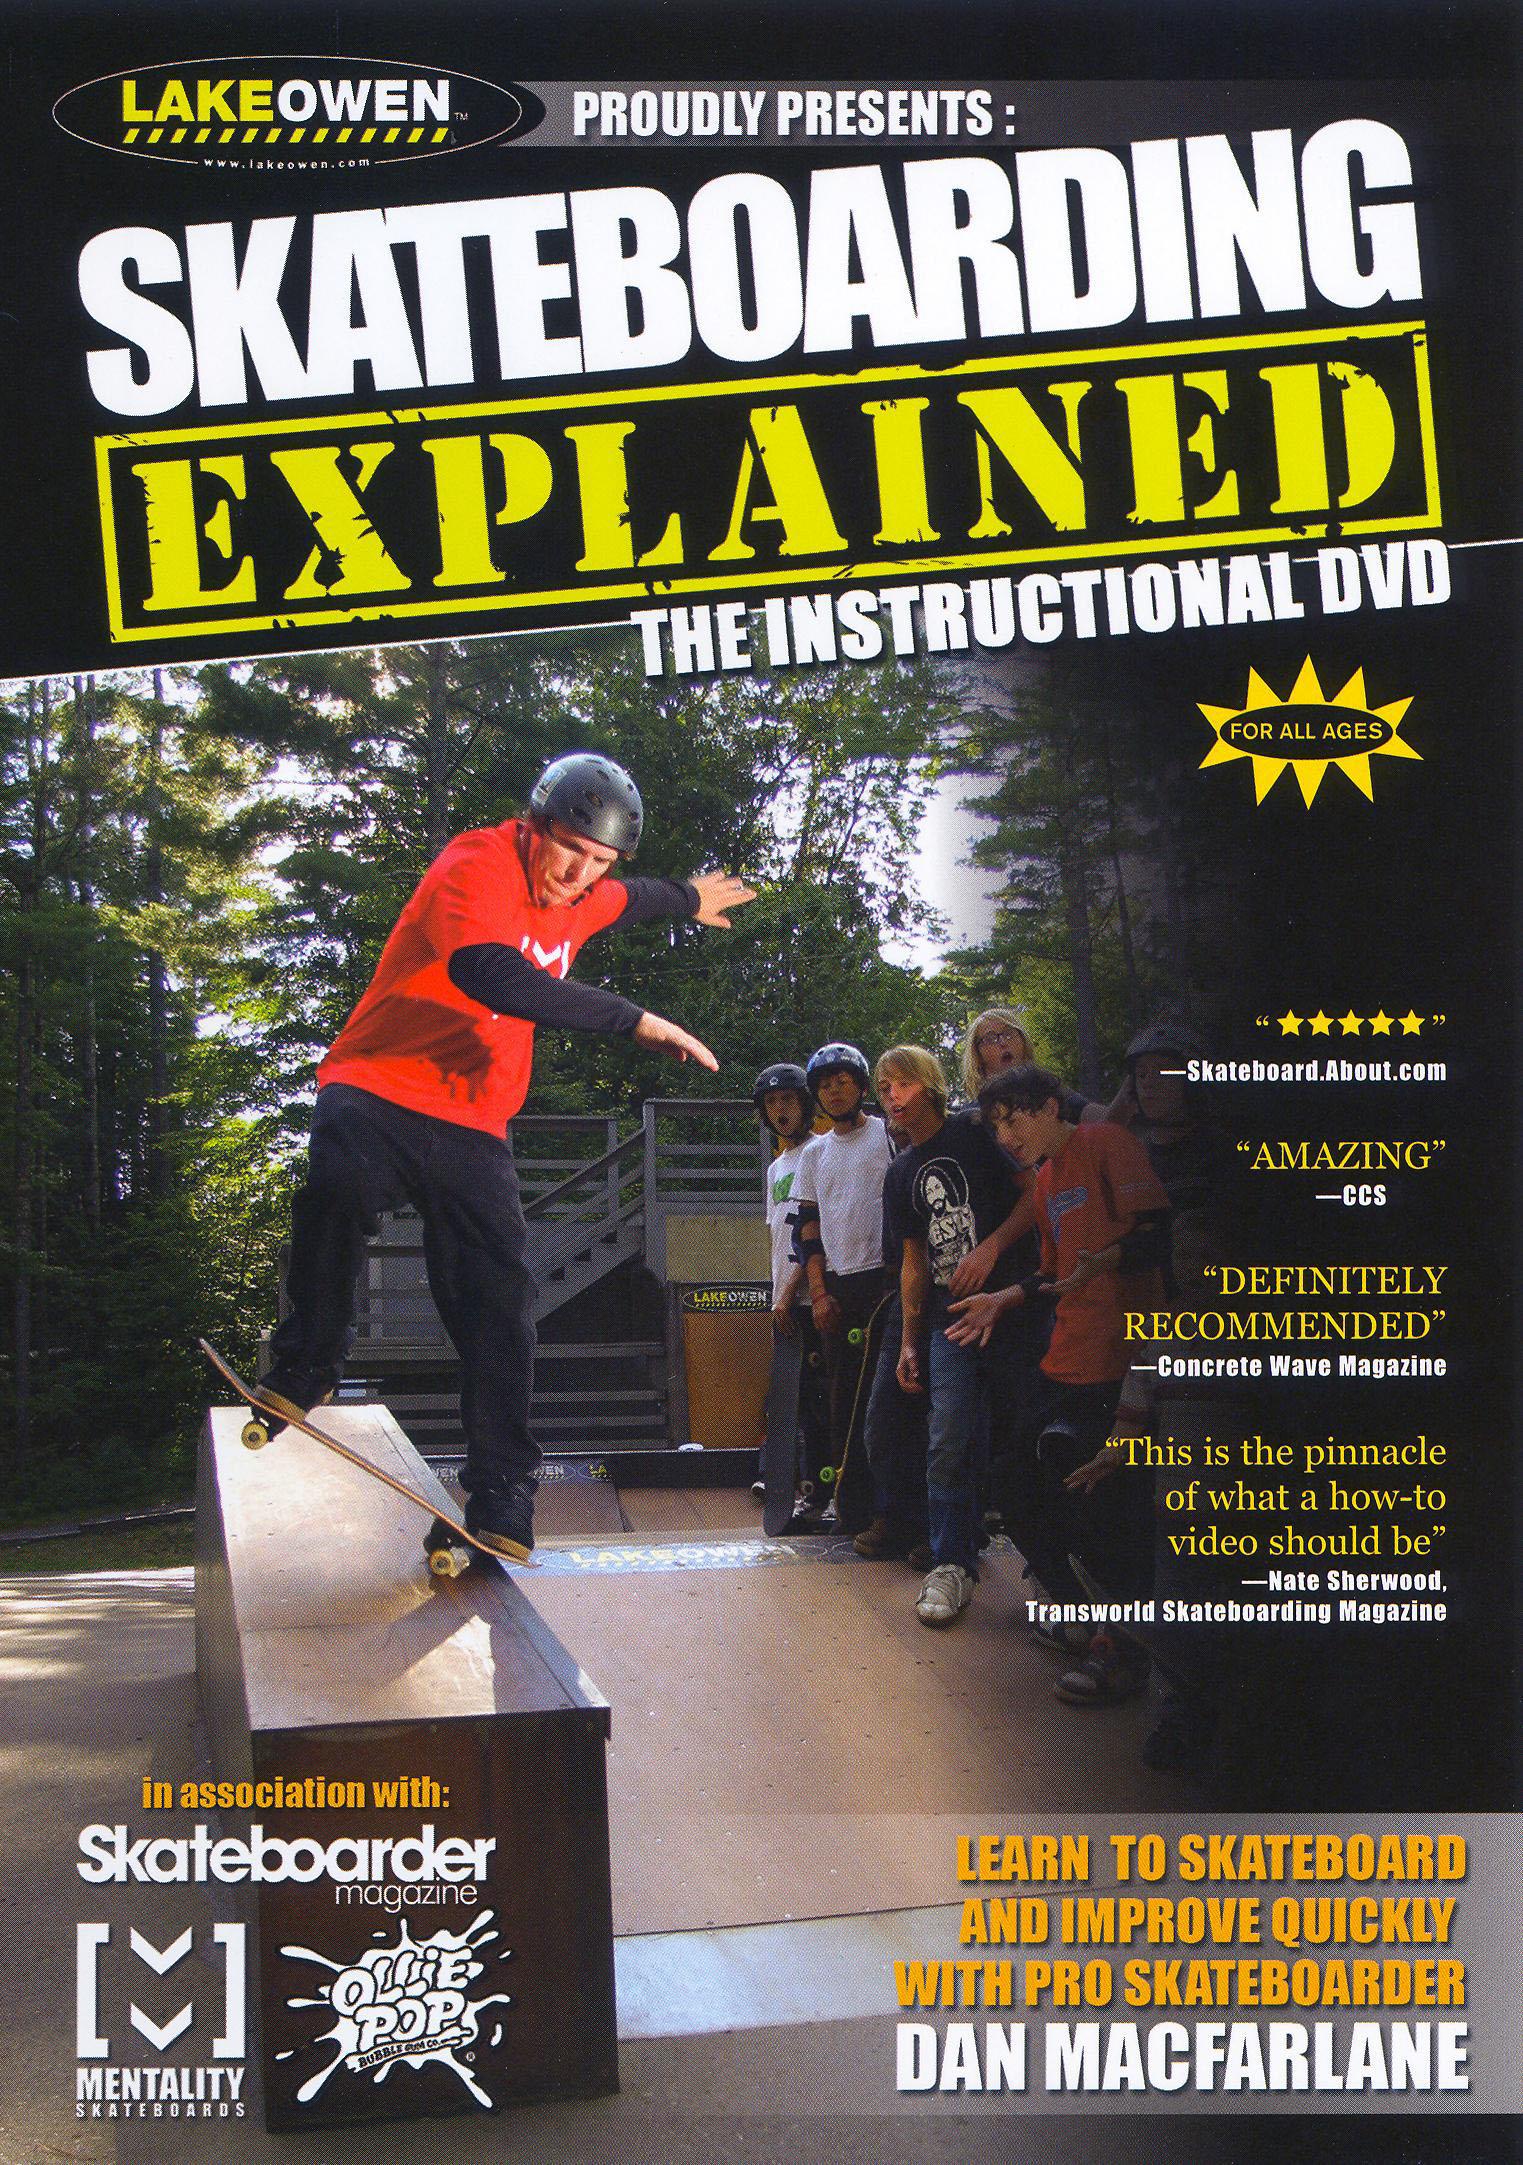 Skateboarding Explained